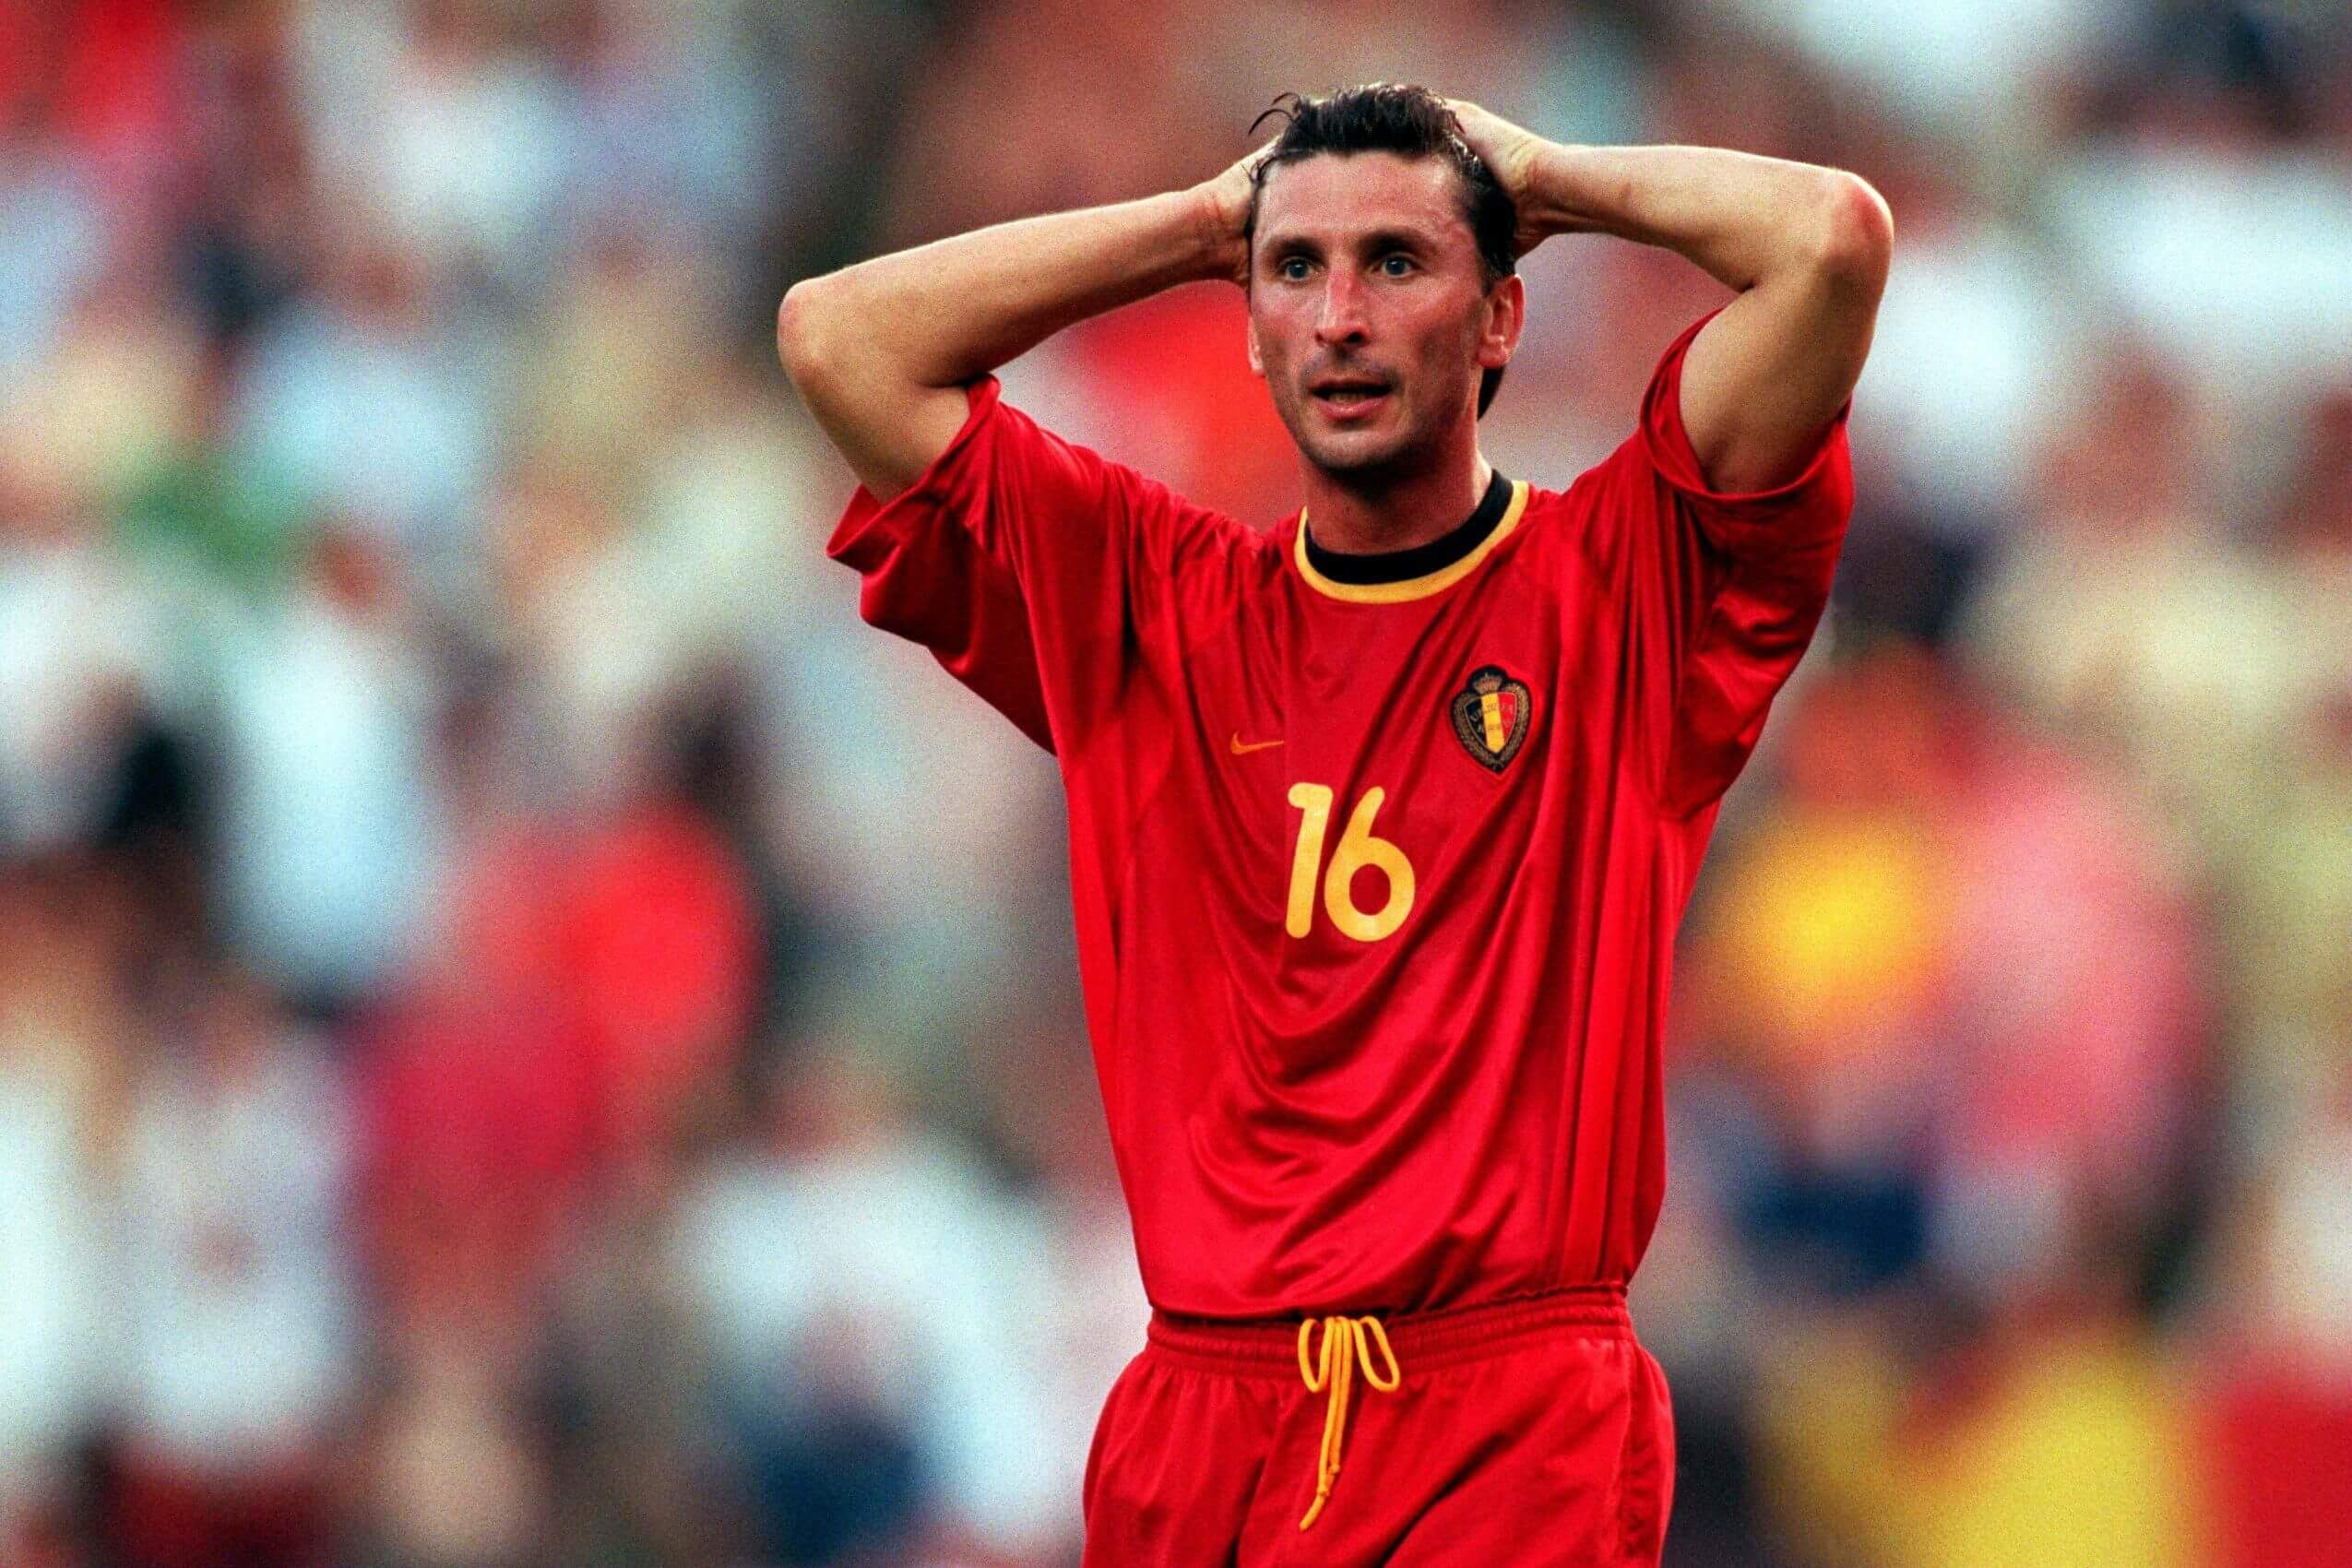 Luc Nilis là chứng nhân của ĐT Bỉ tại thảm họa EURO 2000 khi Quỷ Đỏ bị loại từ vòng bảng dù là nước chủ nhà